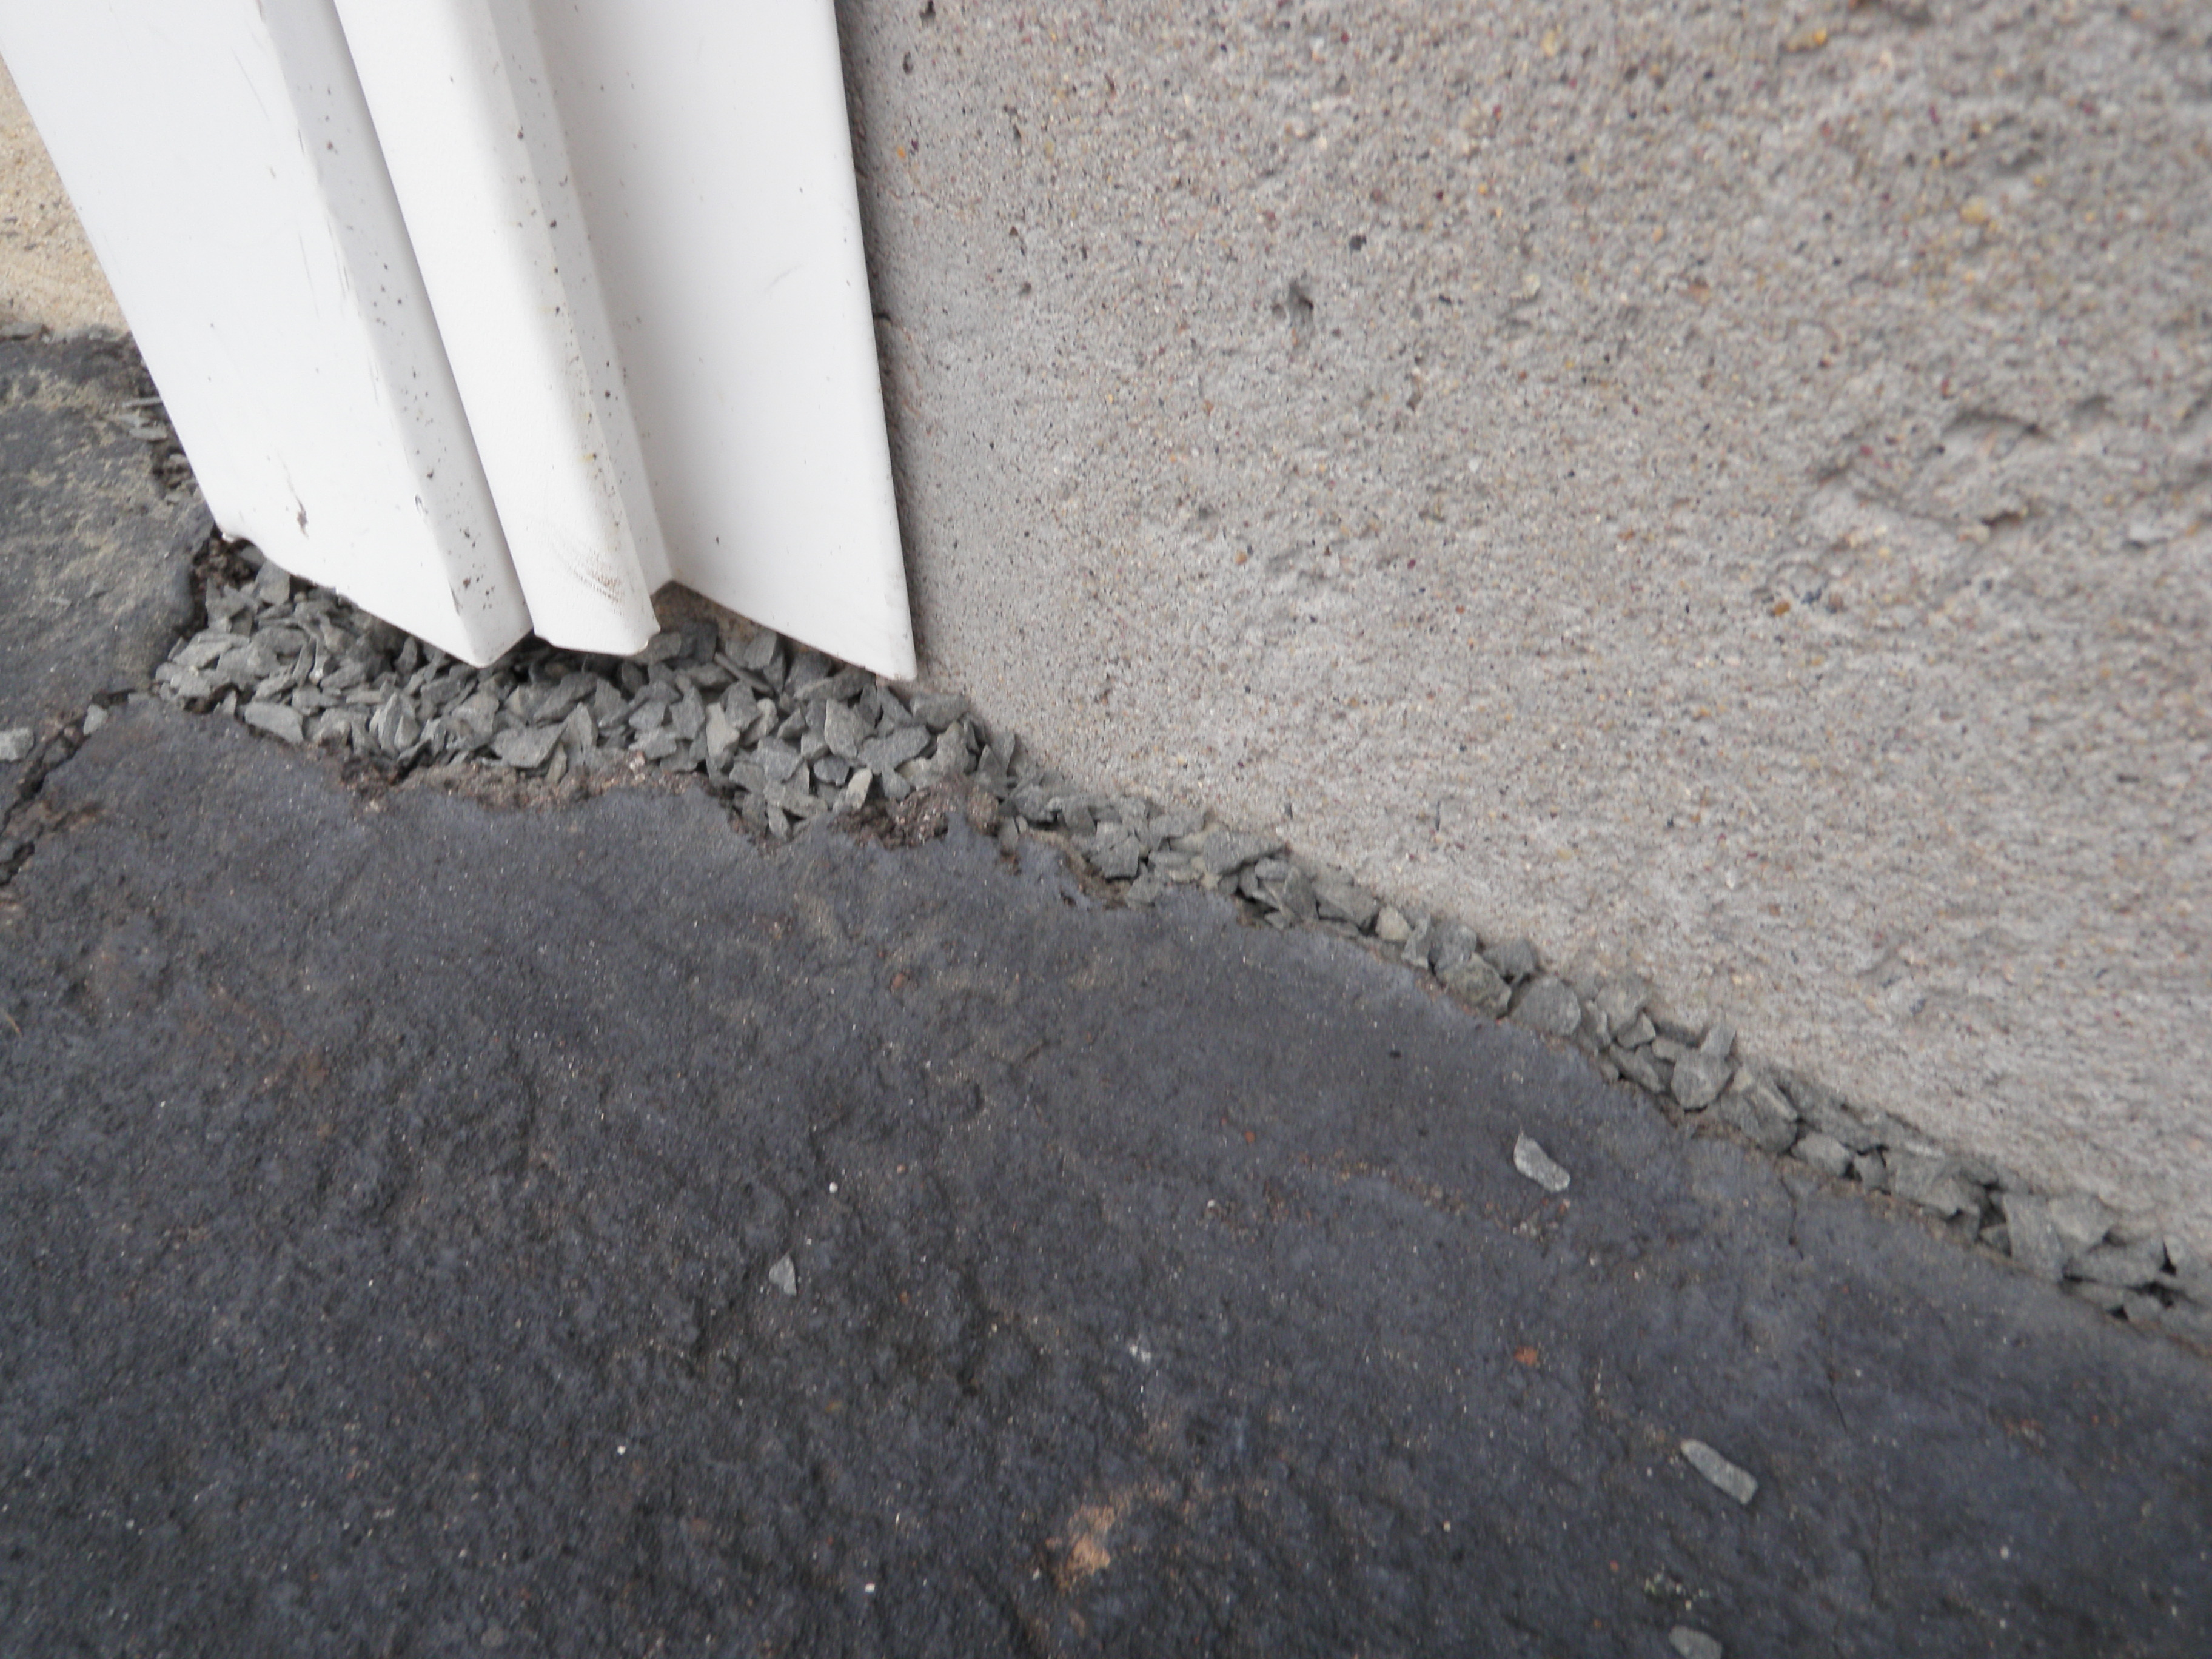 Large Crack Driveway Repair with Gravel